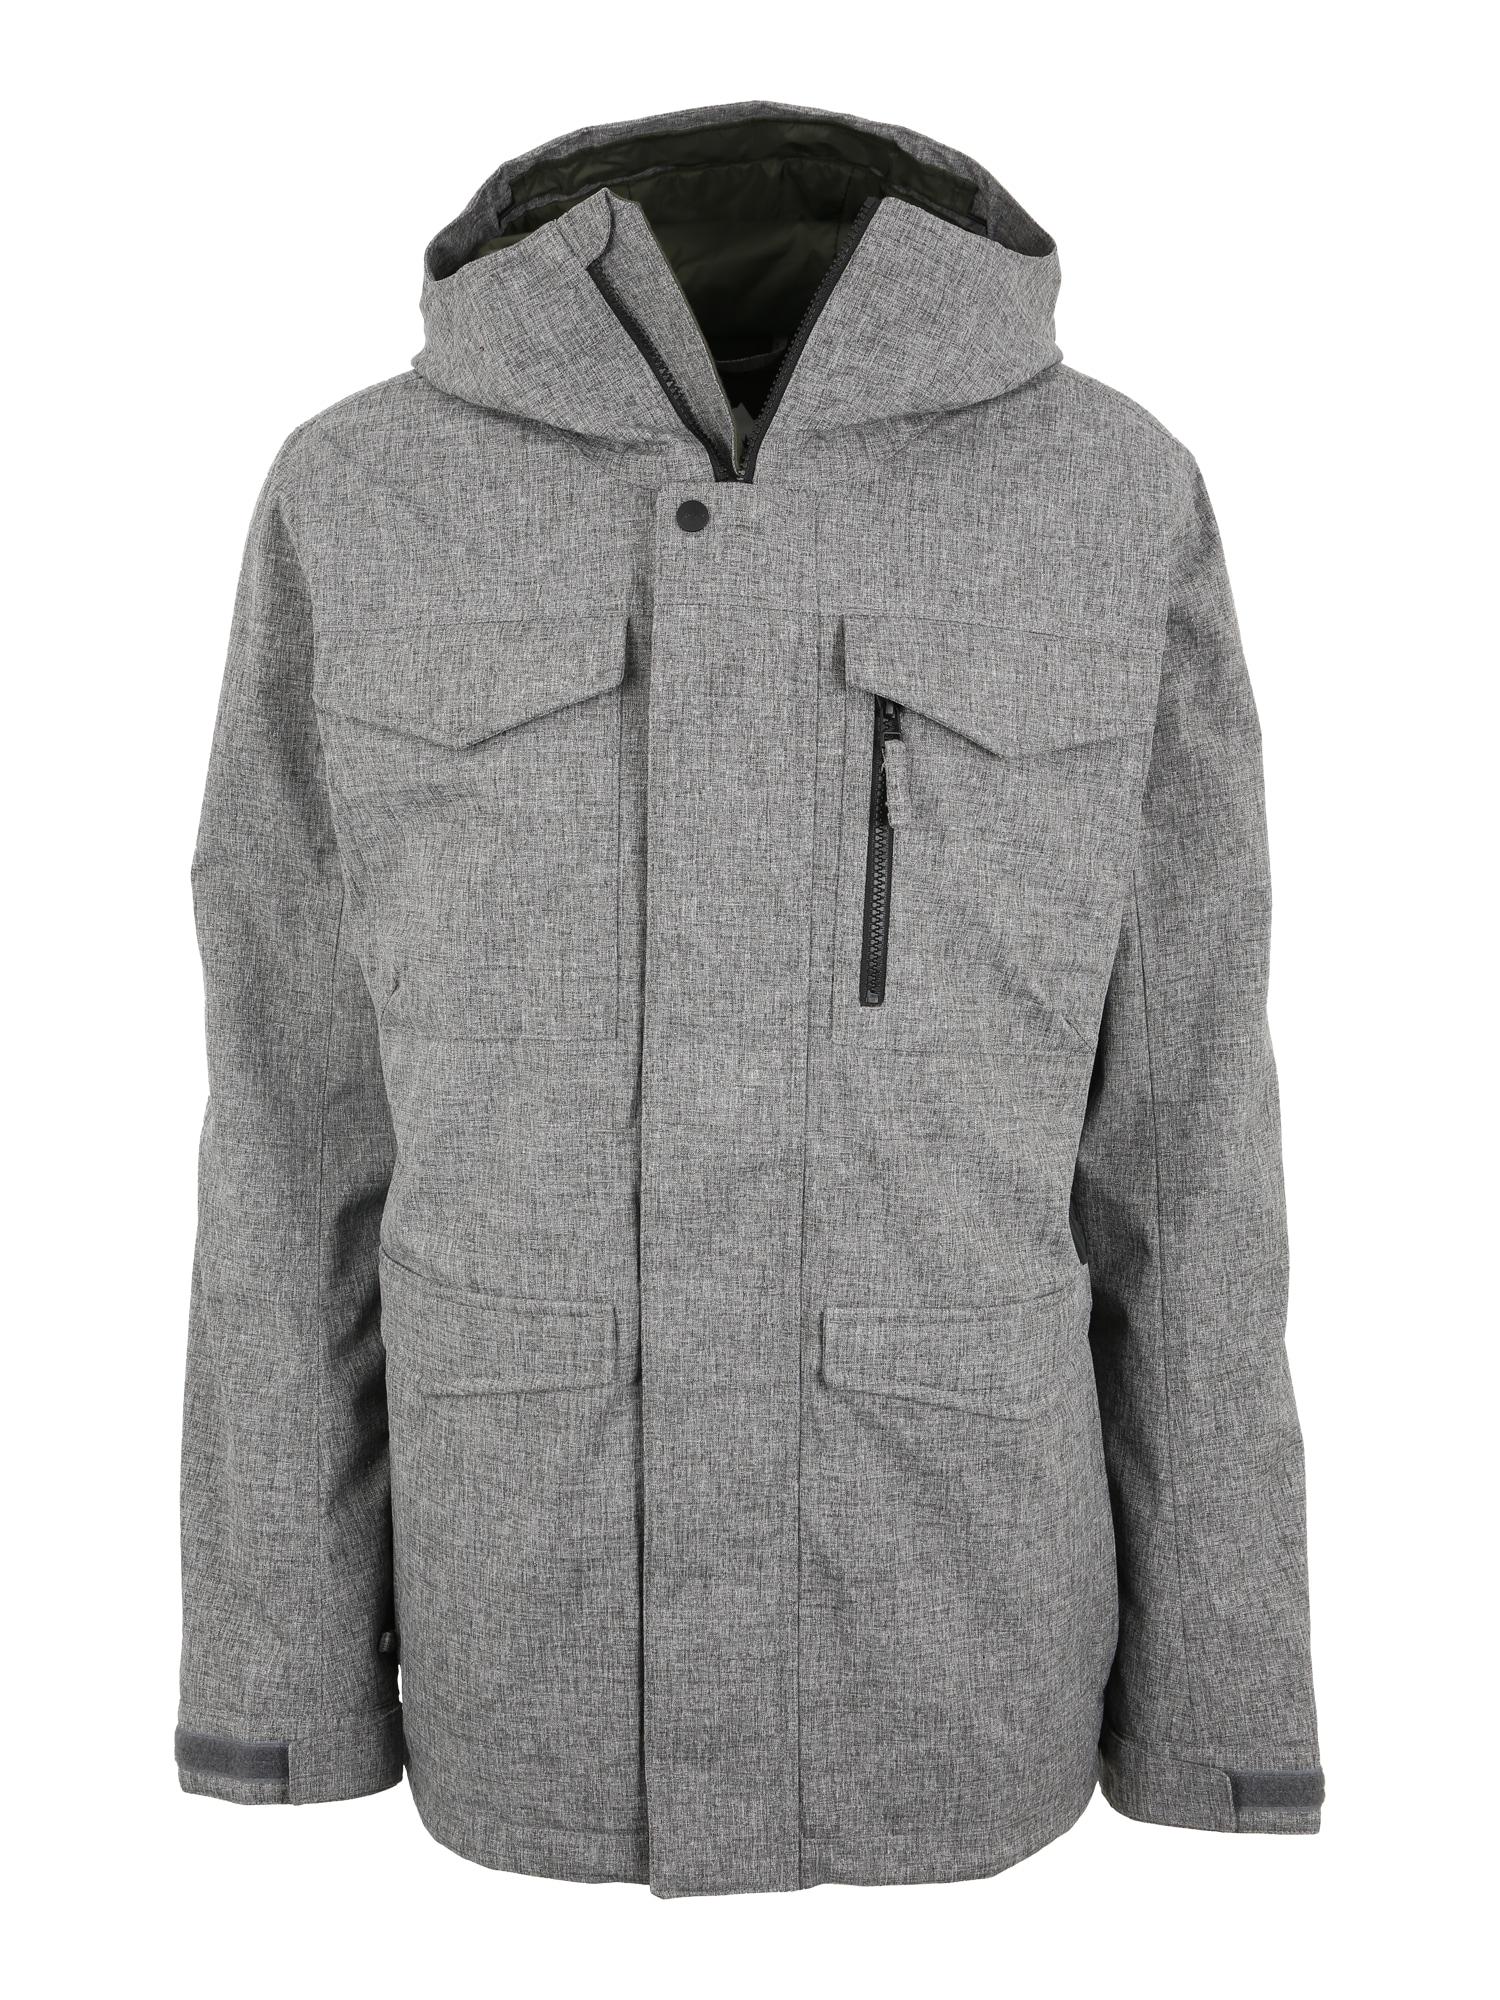 Outdoorová bunda Covert šedá BURTON